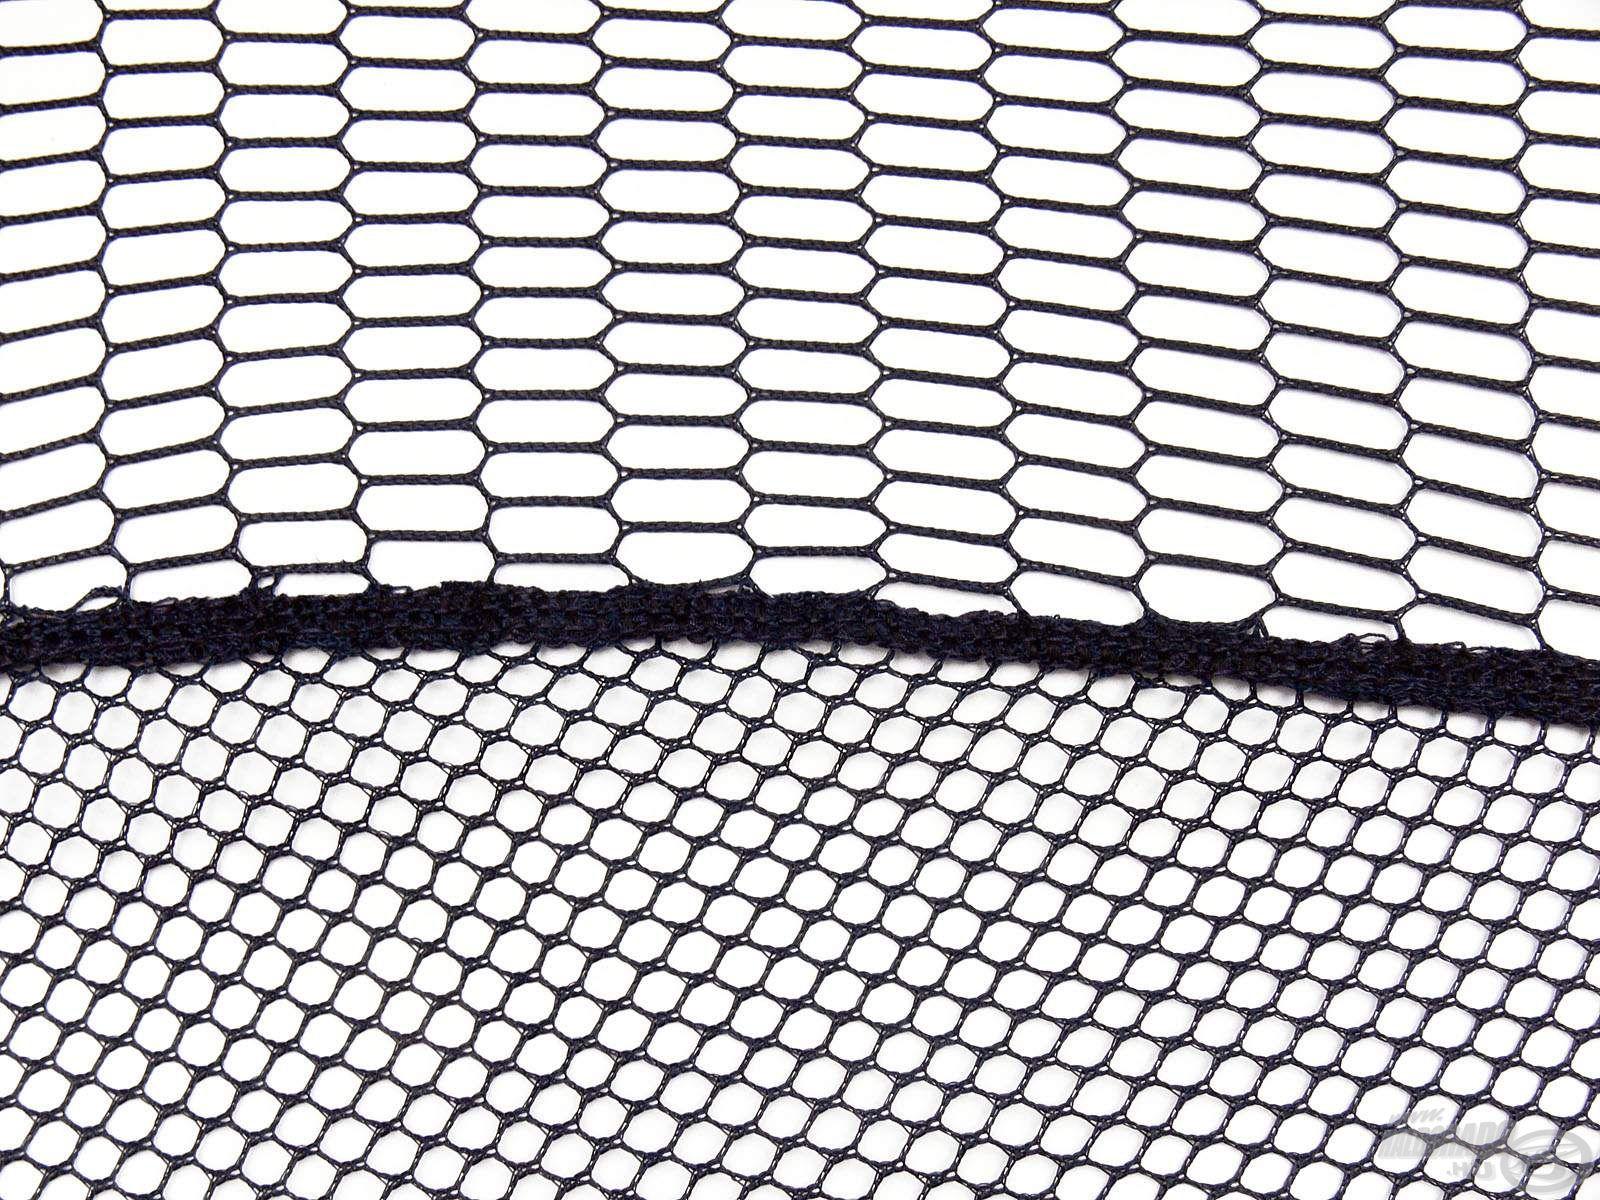 Nagy teherbírású hálószövet képezi a háló alapját, mely ennél a modellnél is oldalt közepes, alul pedig sűrű lyukbőségű